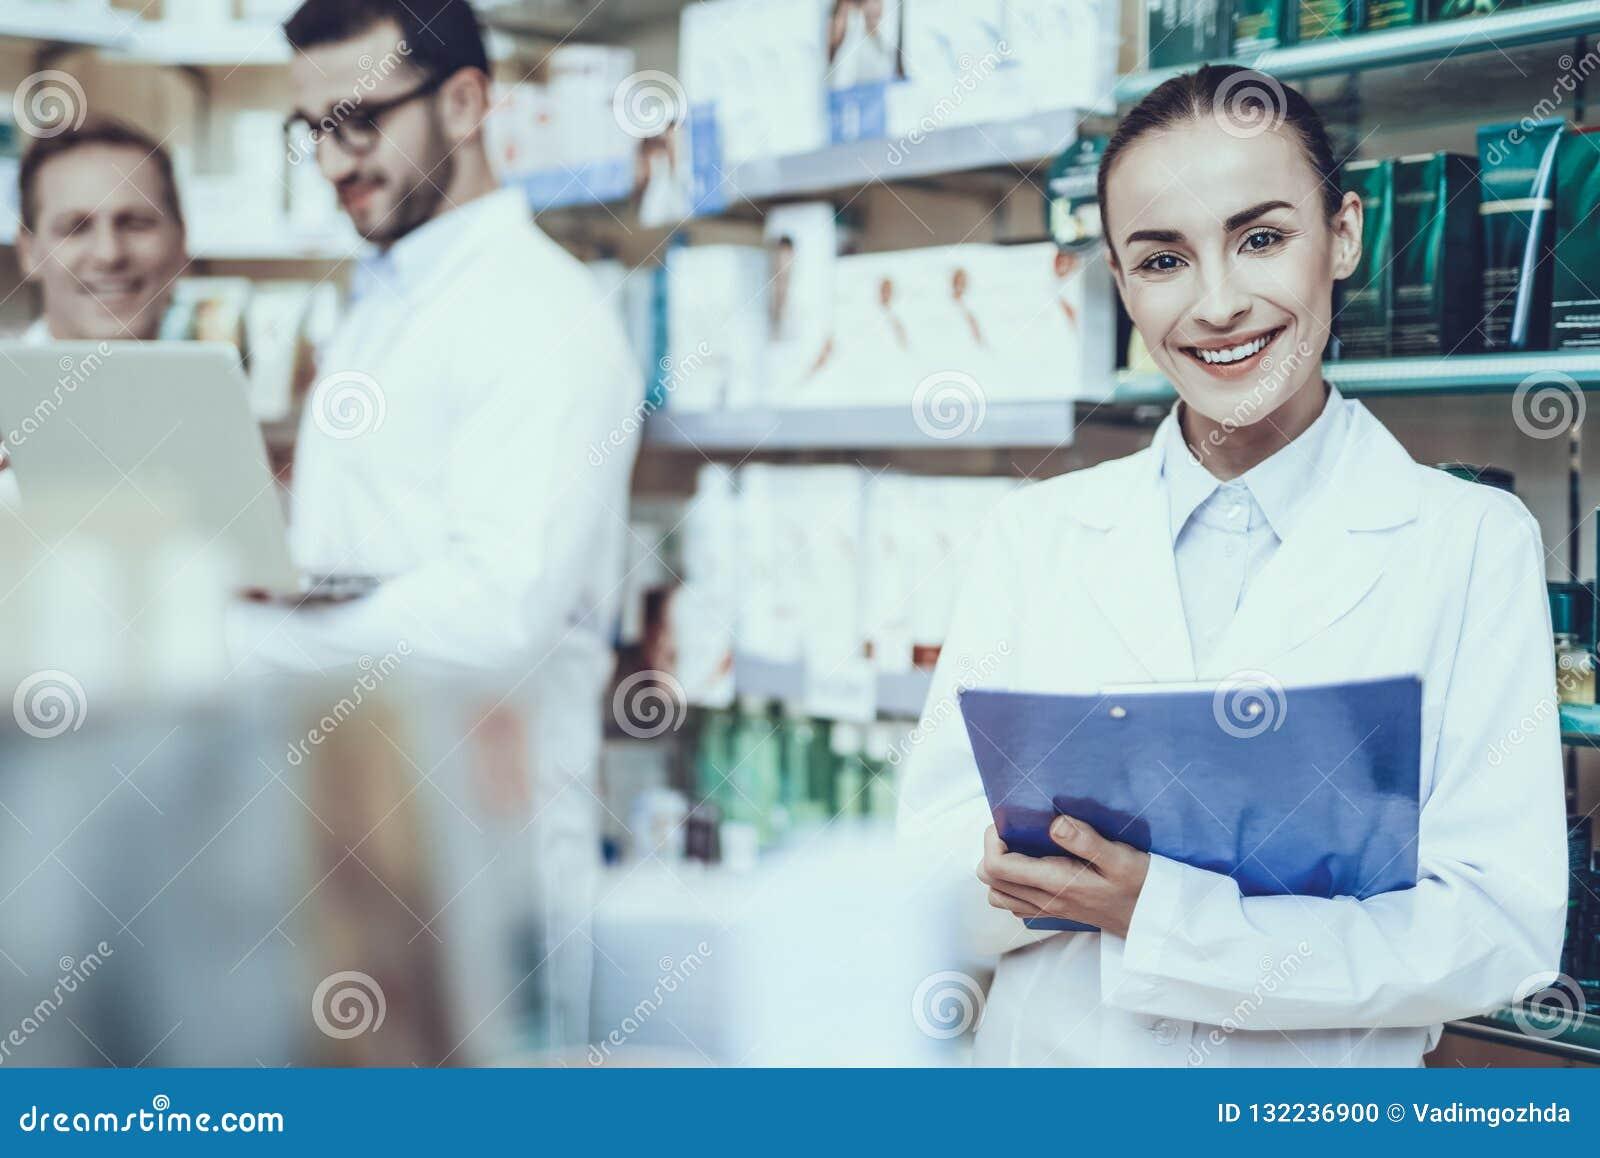 Farmacéuticos que trabajan en farmacia